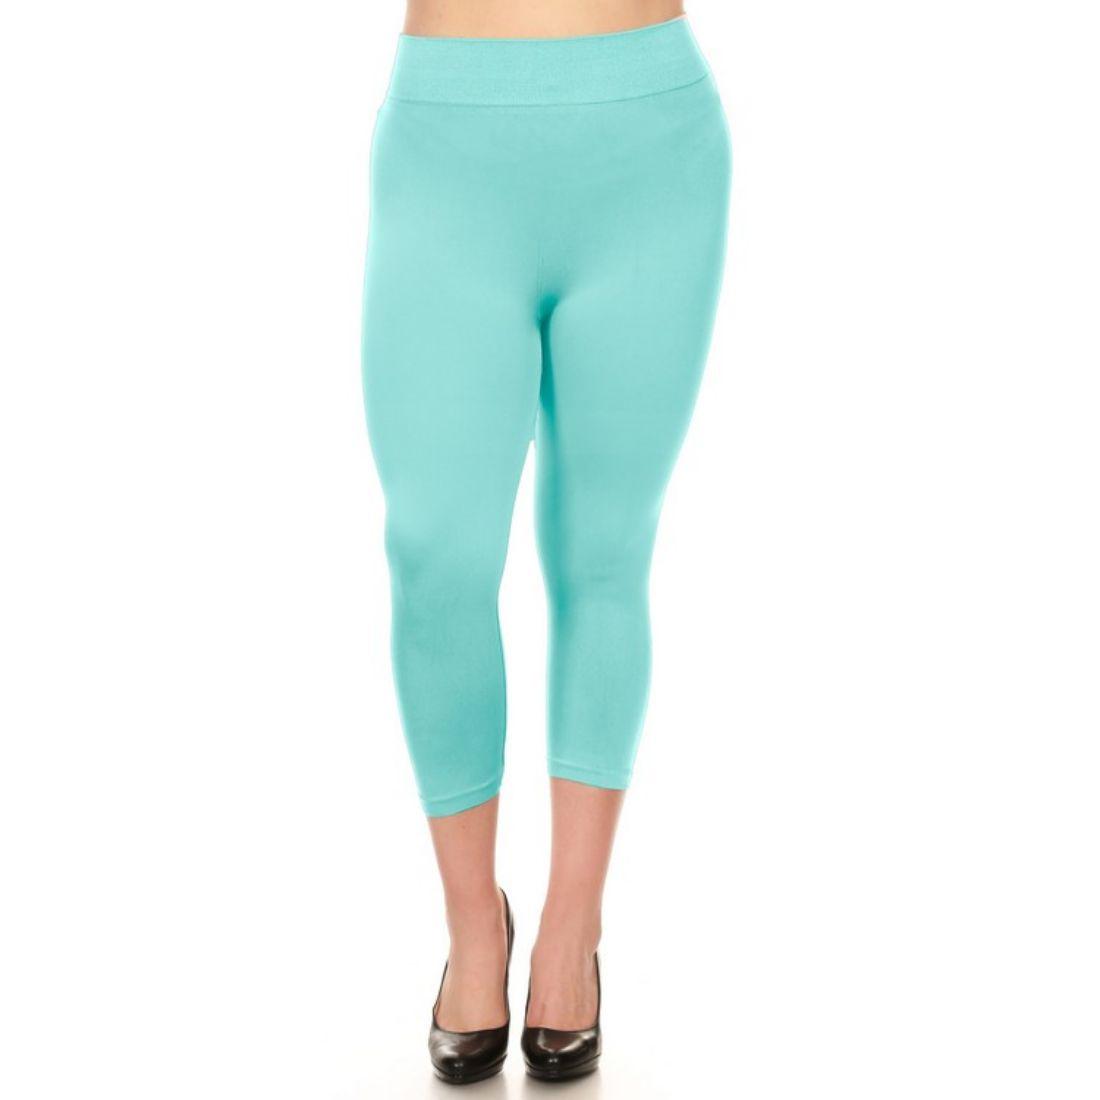 miniature 41 - Femmes Grande Taille Capri Leggings Court Stretch Pantalon Basique Solide Pour